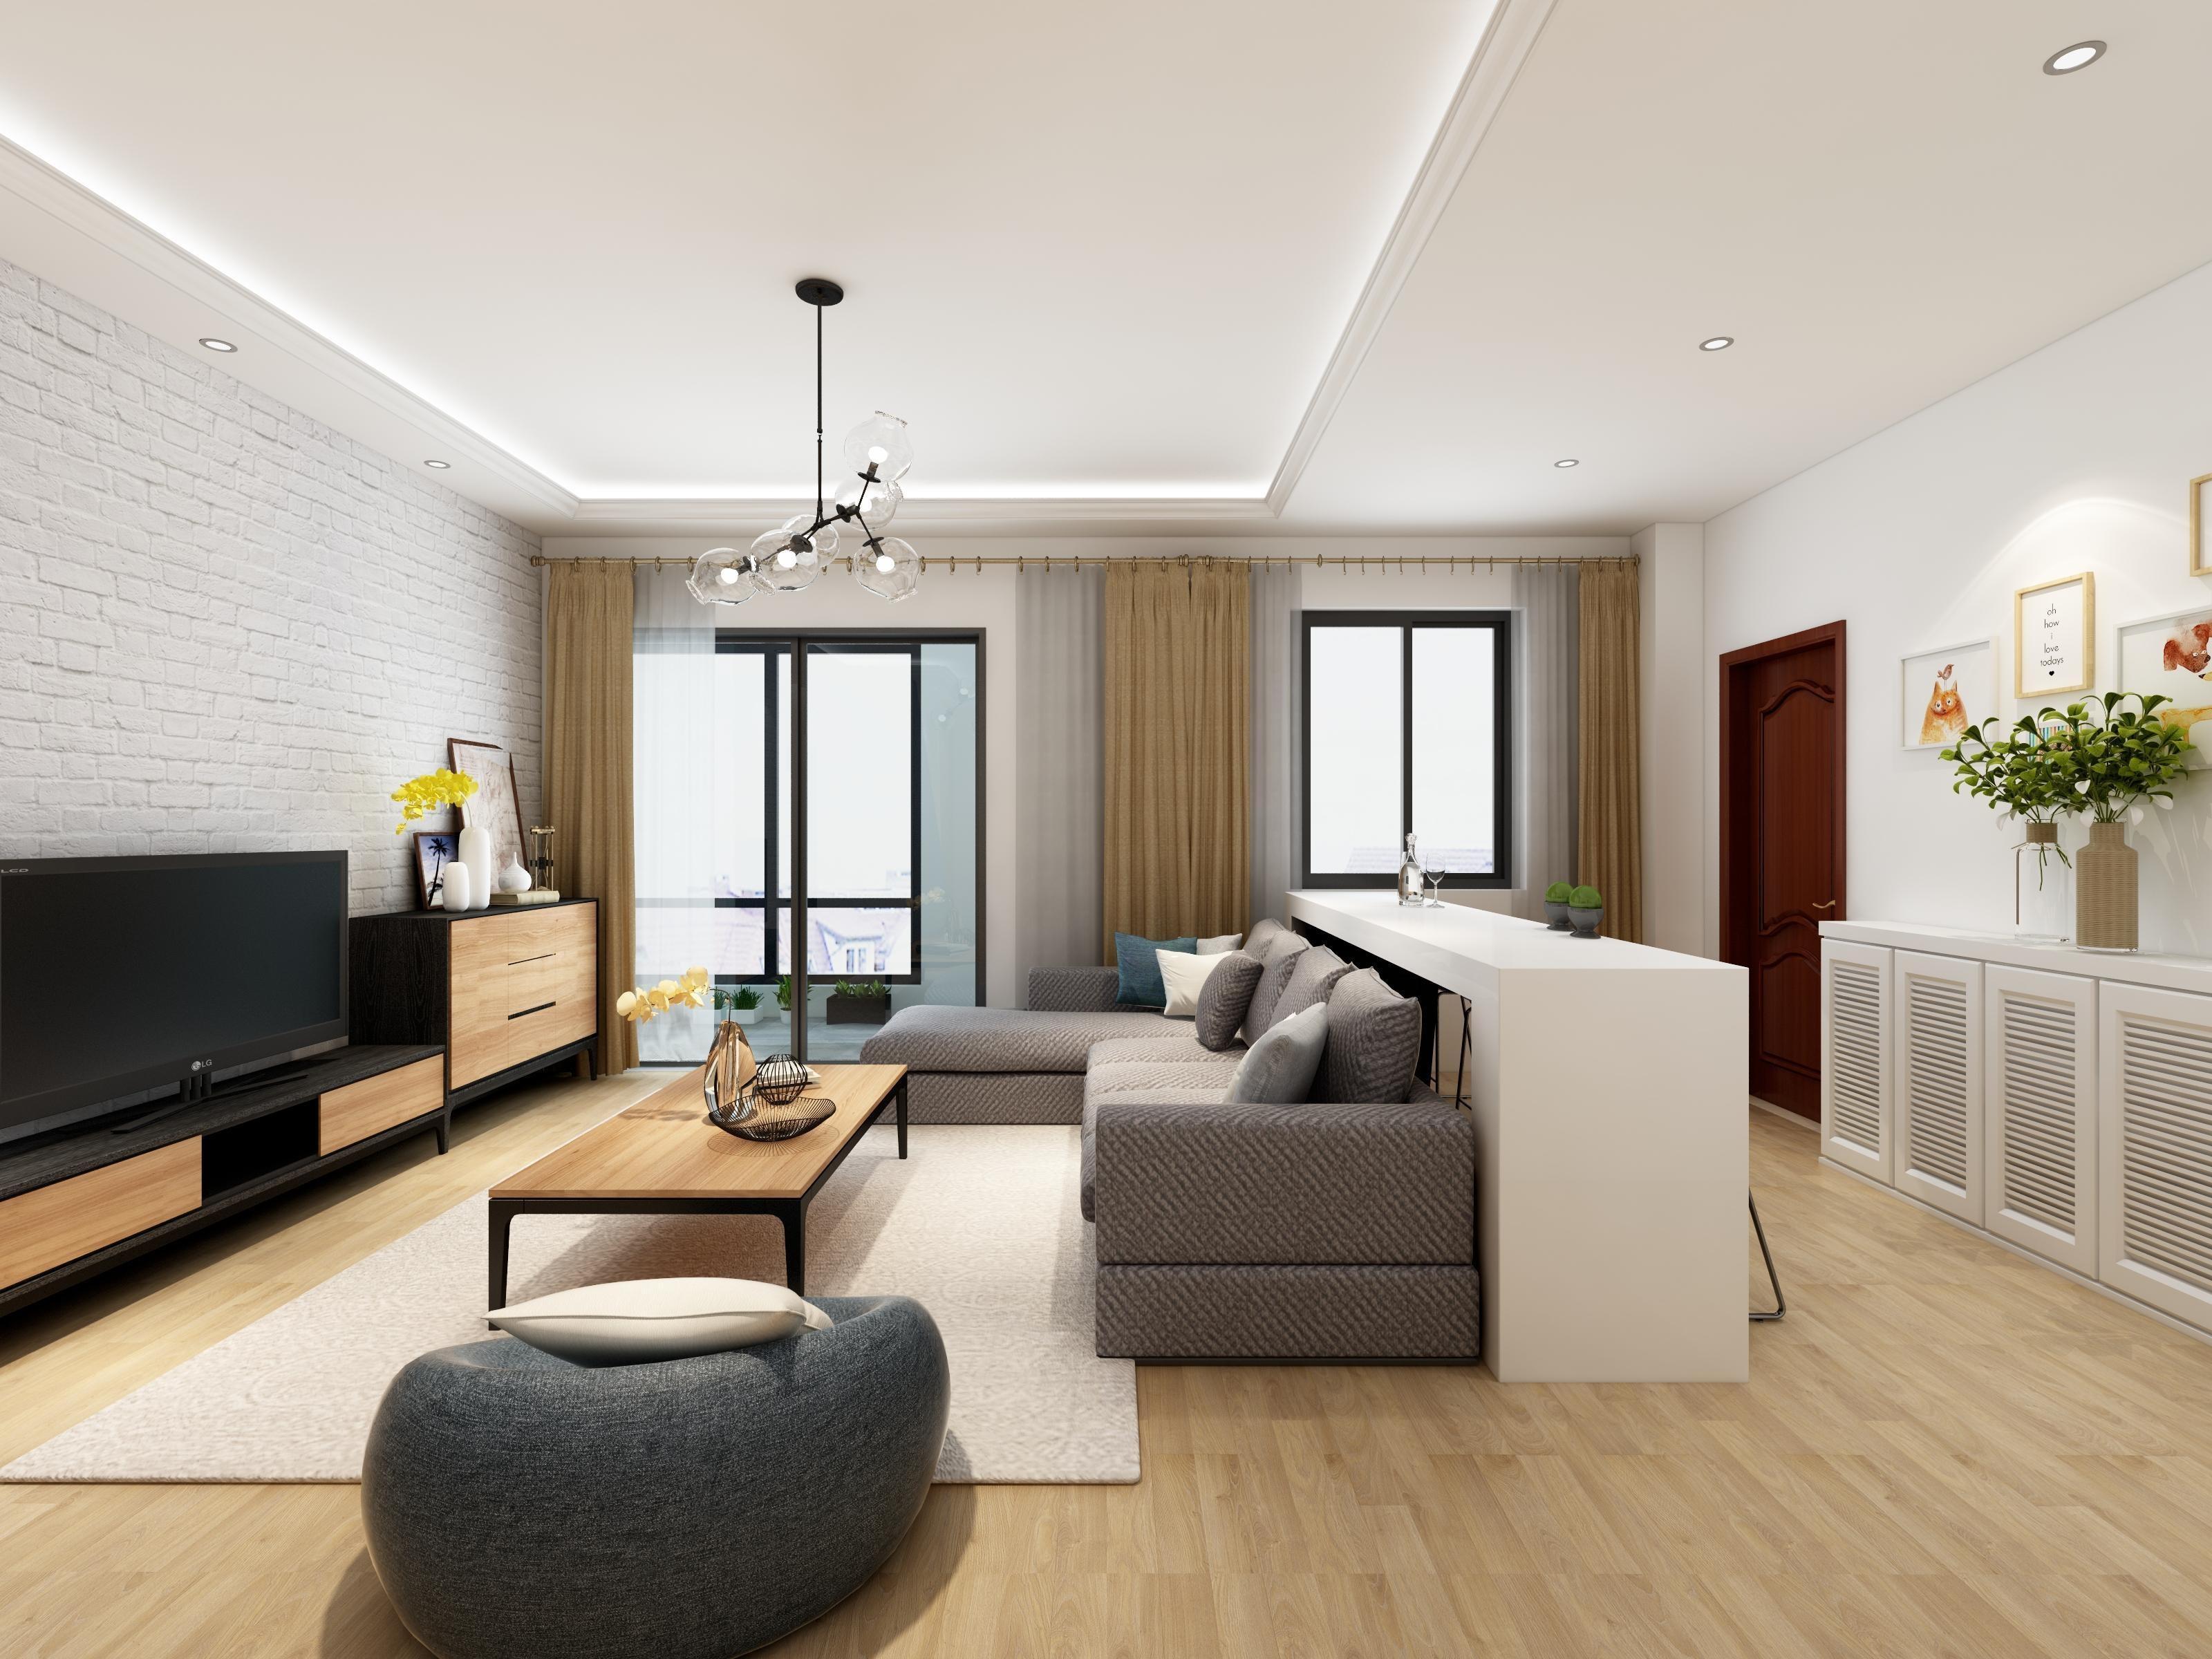 崇尚简单自然,两室一厅现代简约风,不可复制的大气之美!